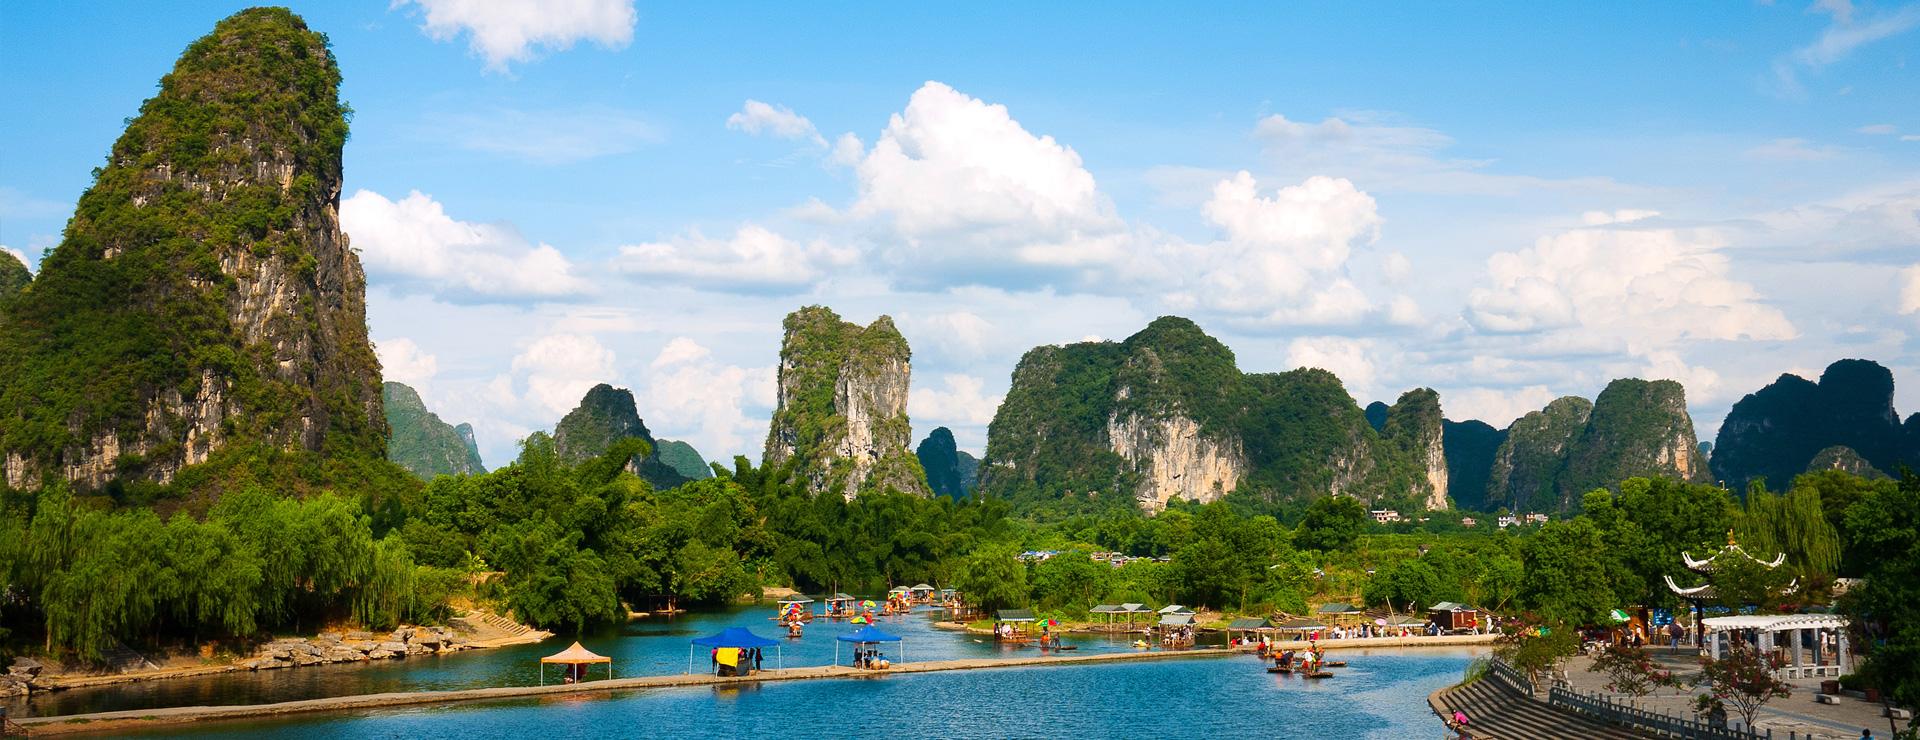 Sockertoppsbergen i Guilin